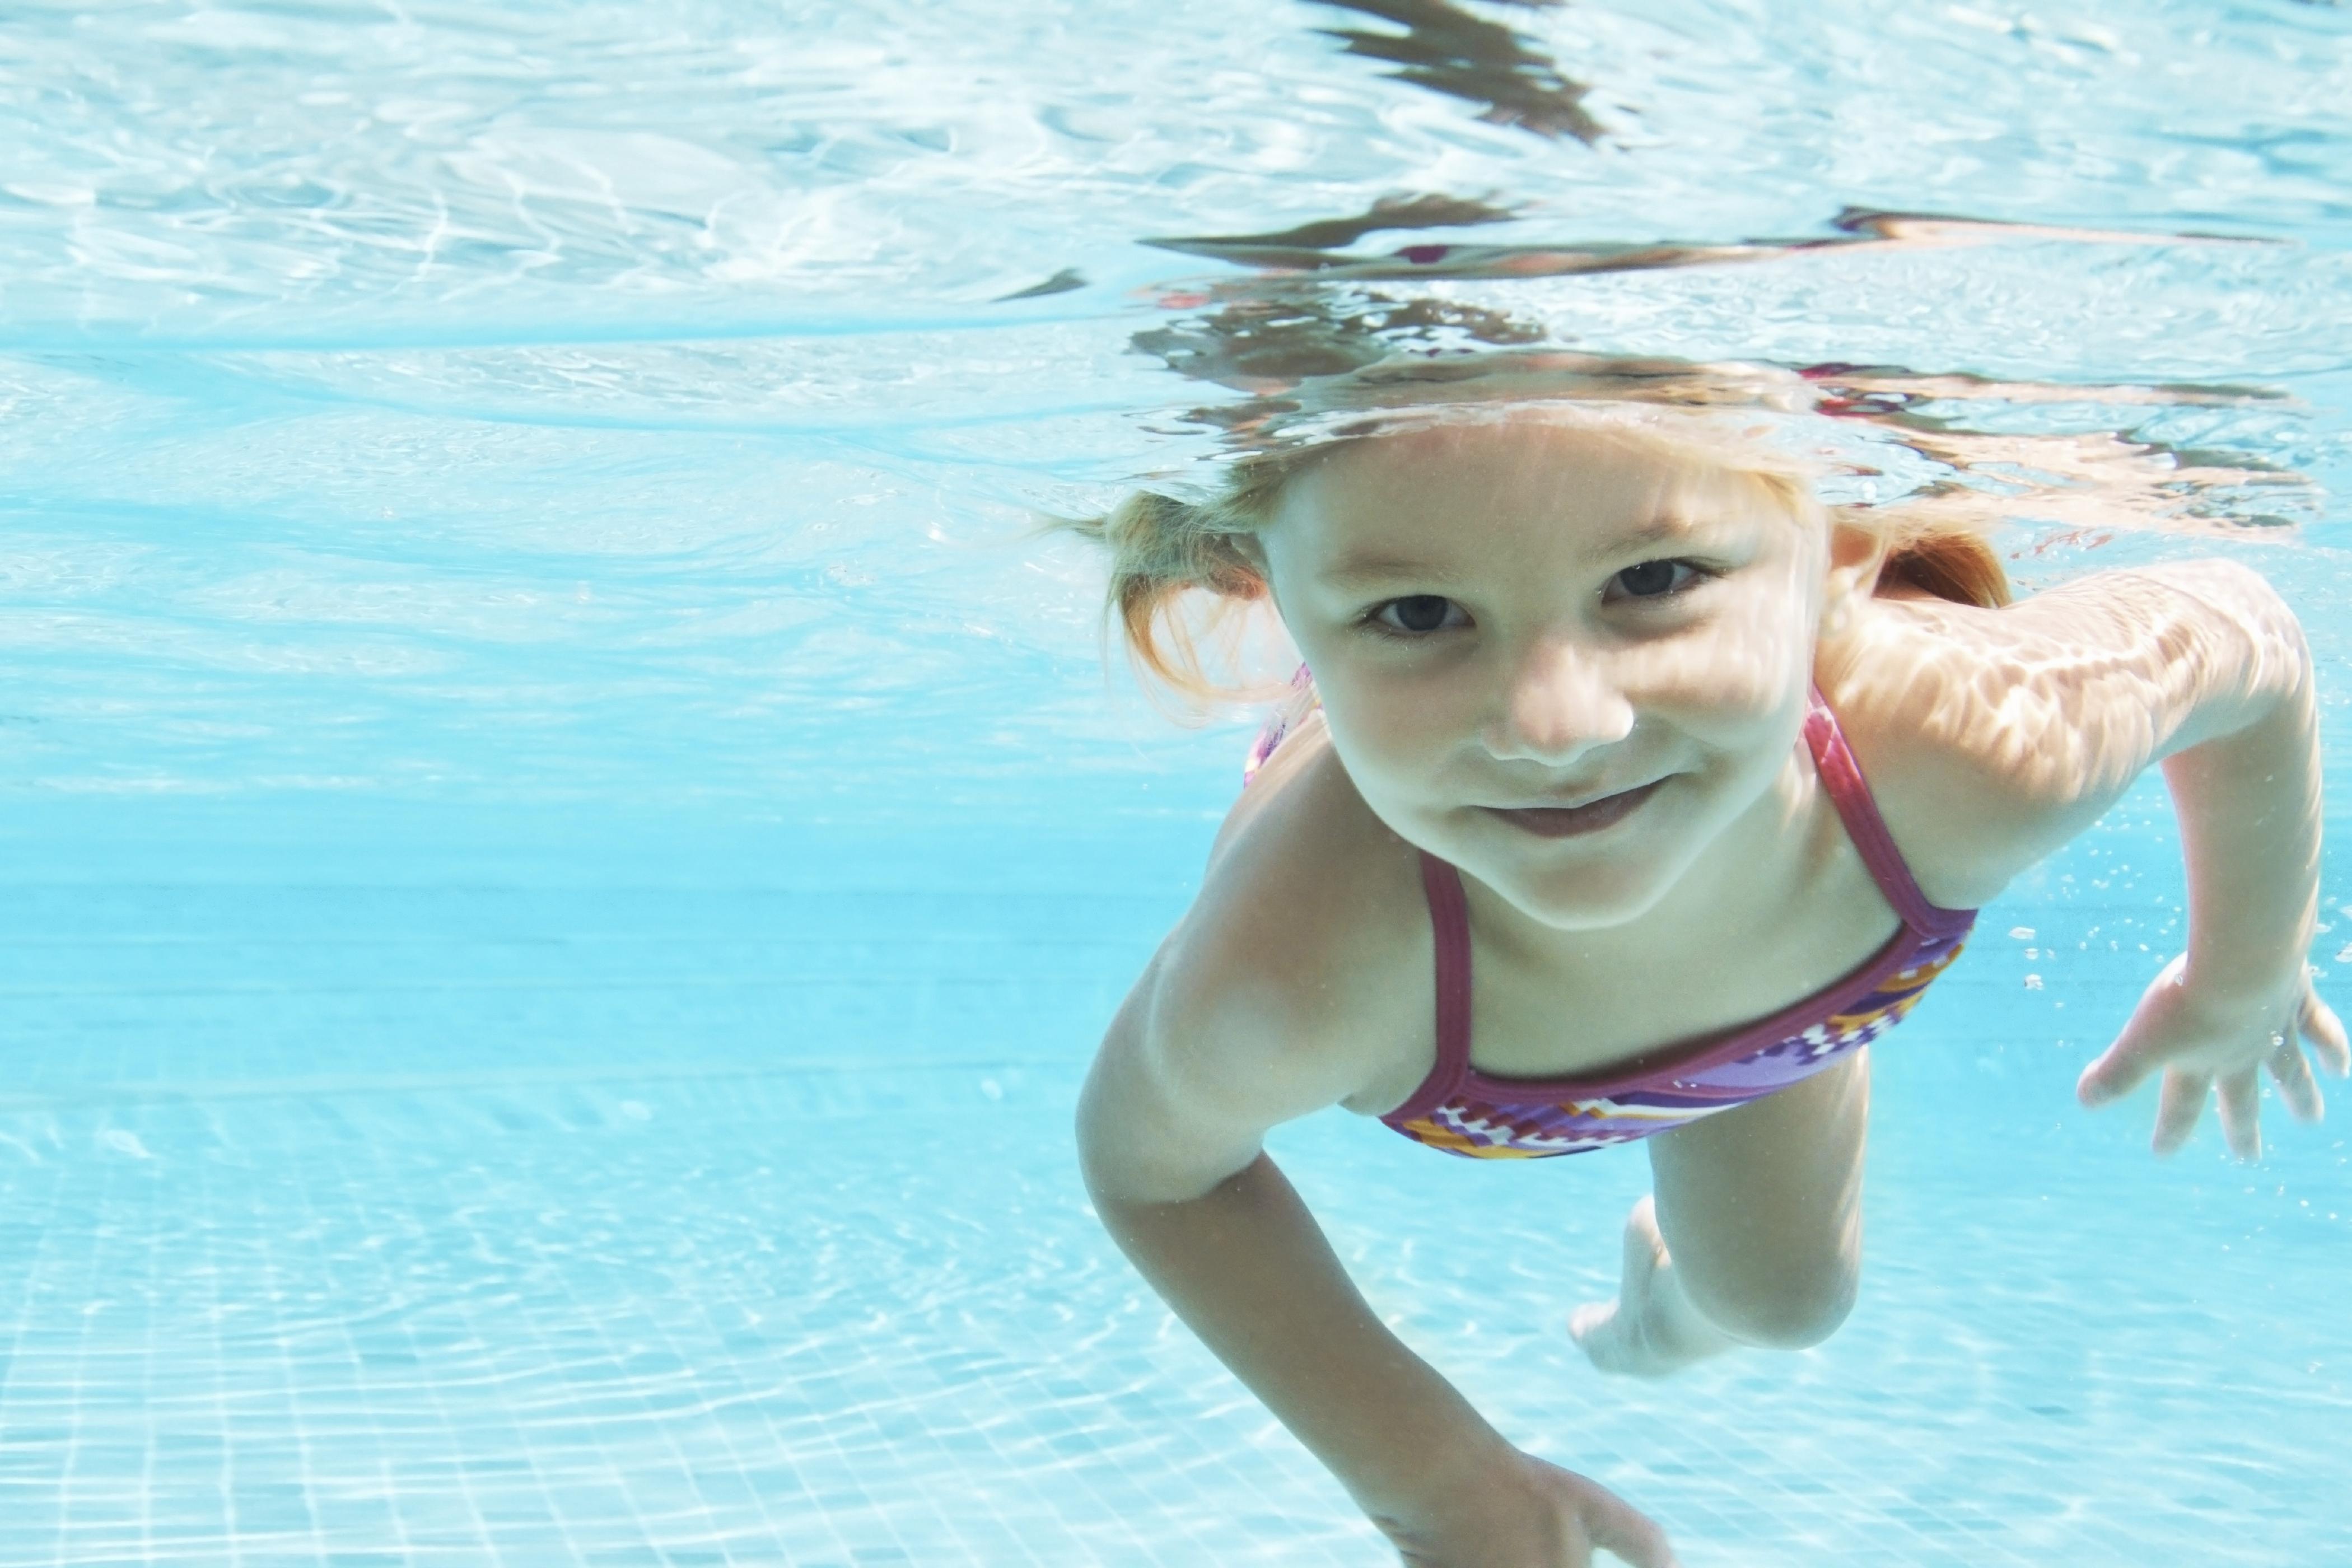 Met de zomerzwemlessen biedt Zwemschool De Beeck Bergen een unieke kans om kinderen een extra zwemboost te geven. (Foto: aangeleverd)